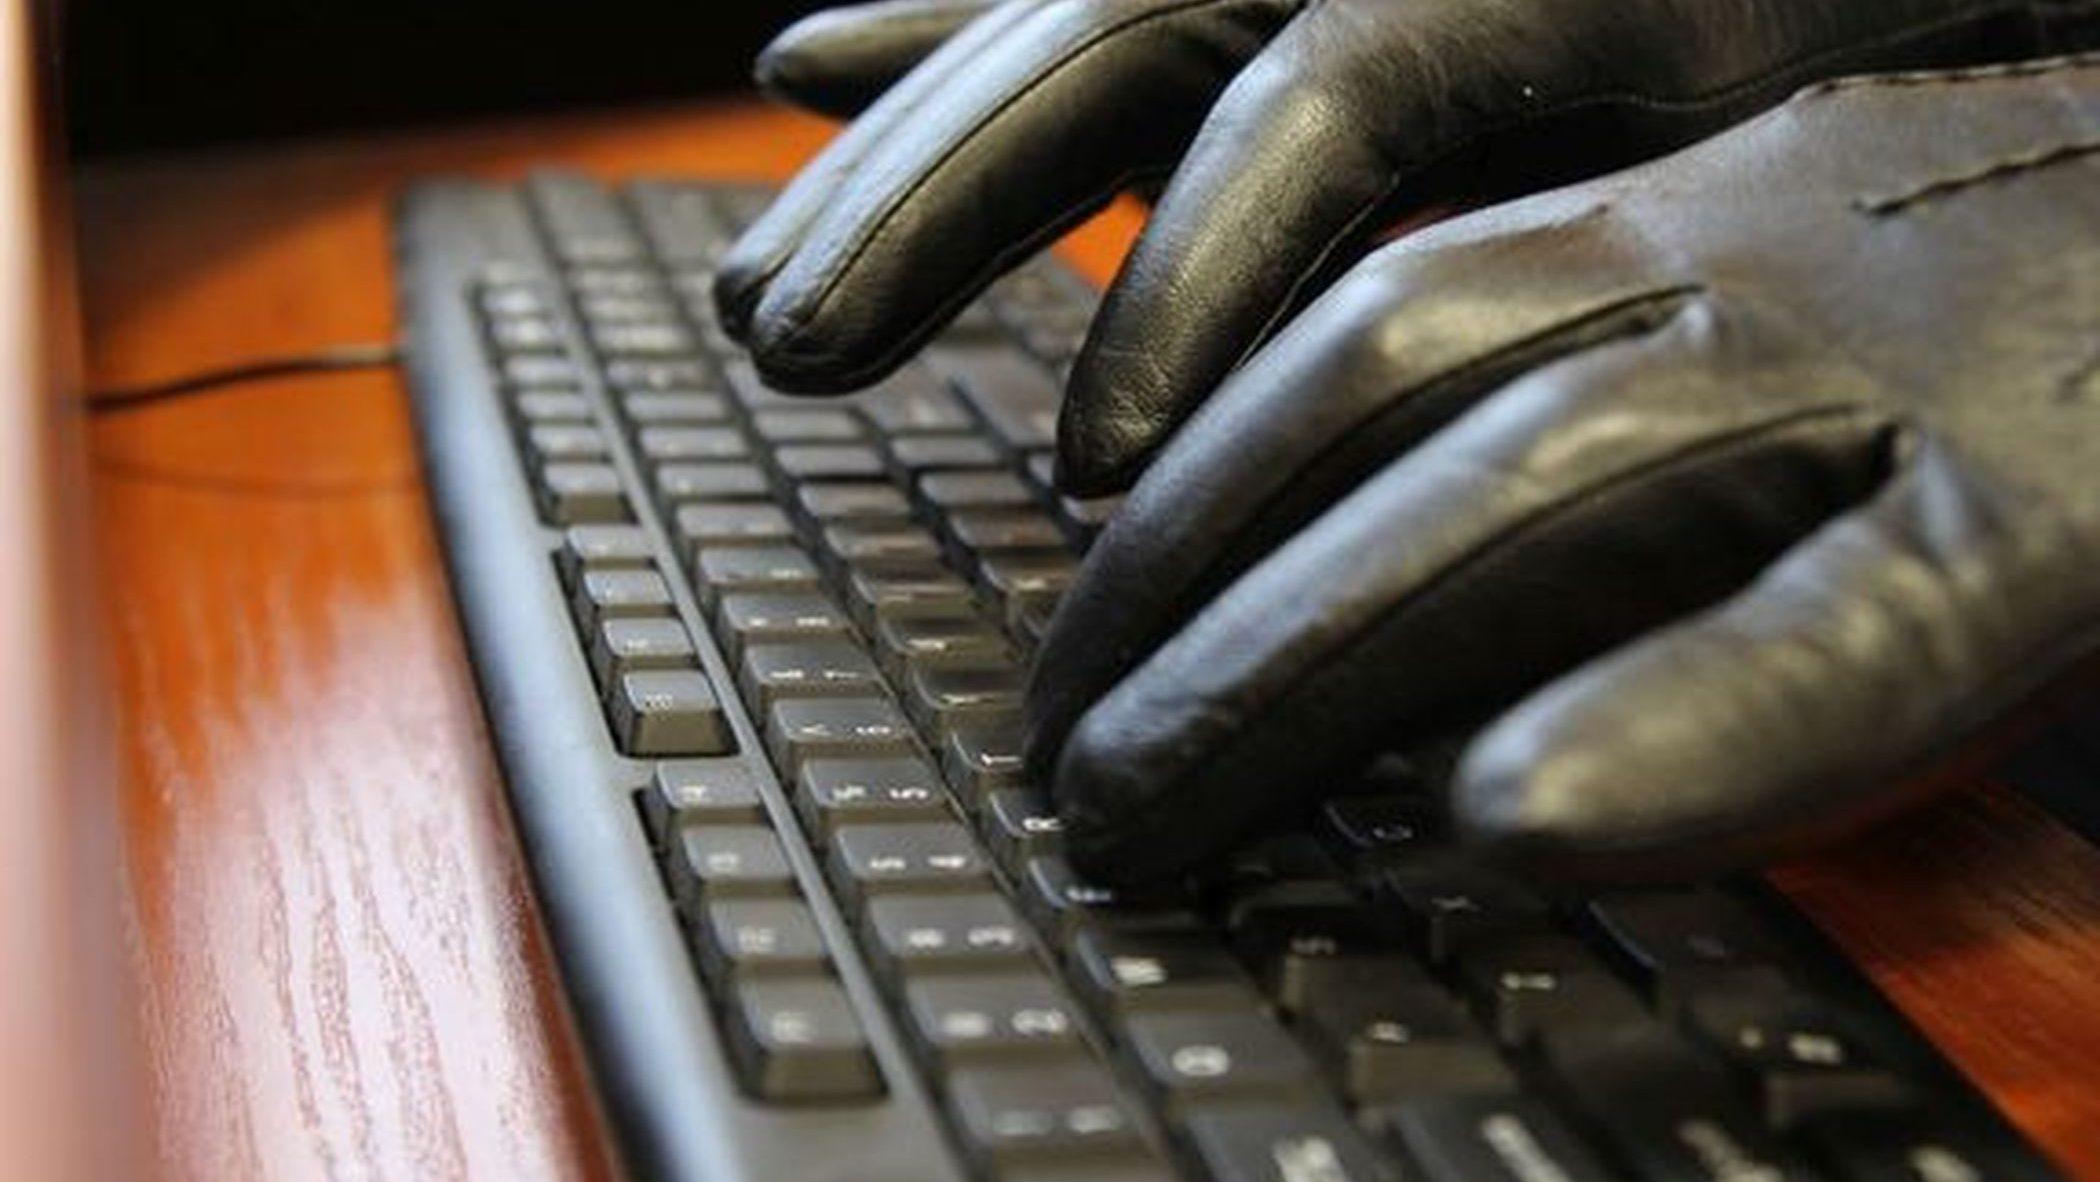 Uważajmy w sieci - cyberprzestępcy wyłudzają pieniądze